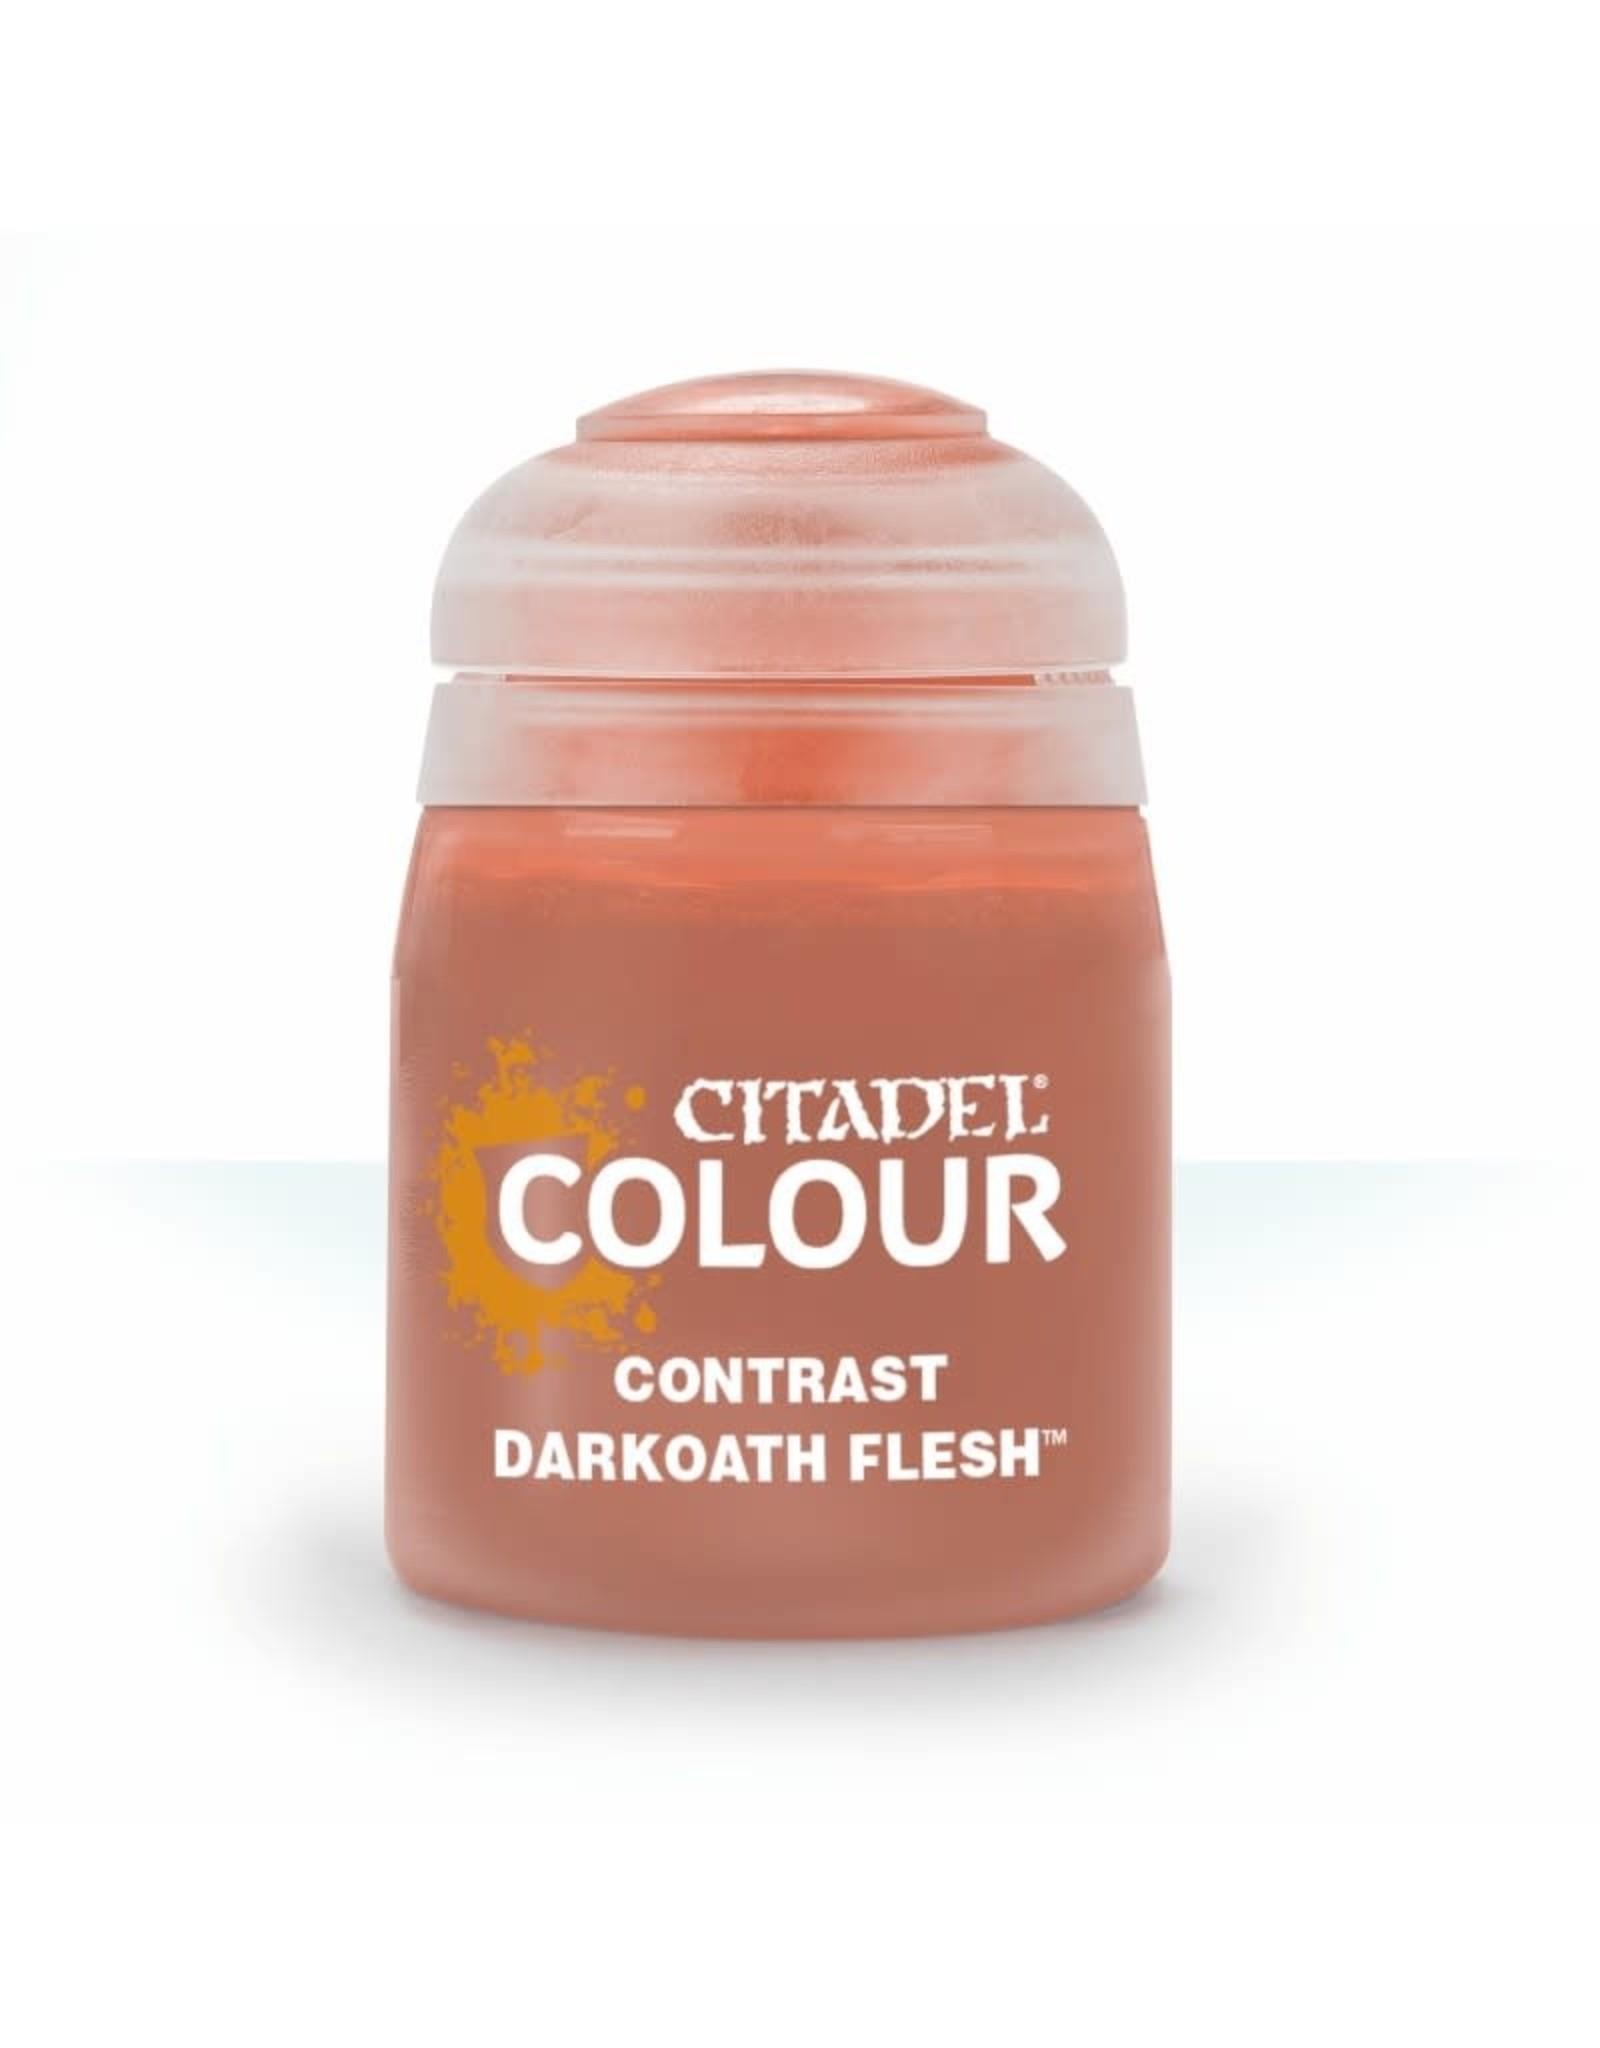 Citadel Darkoath Flesh